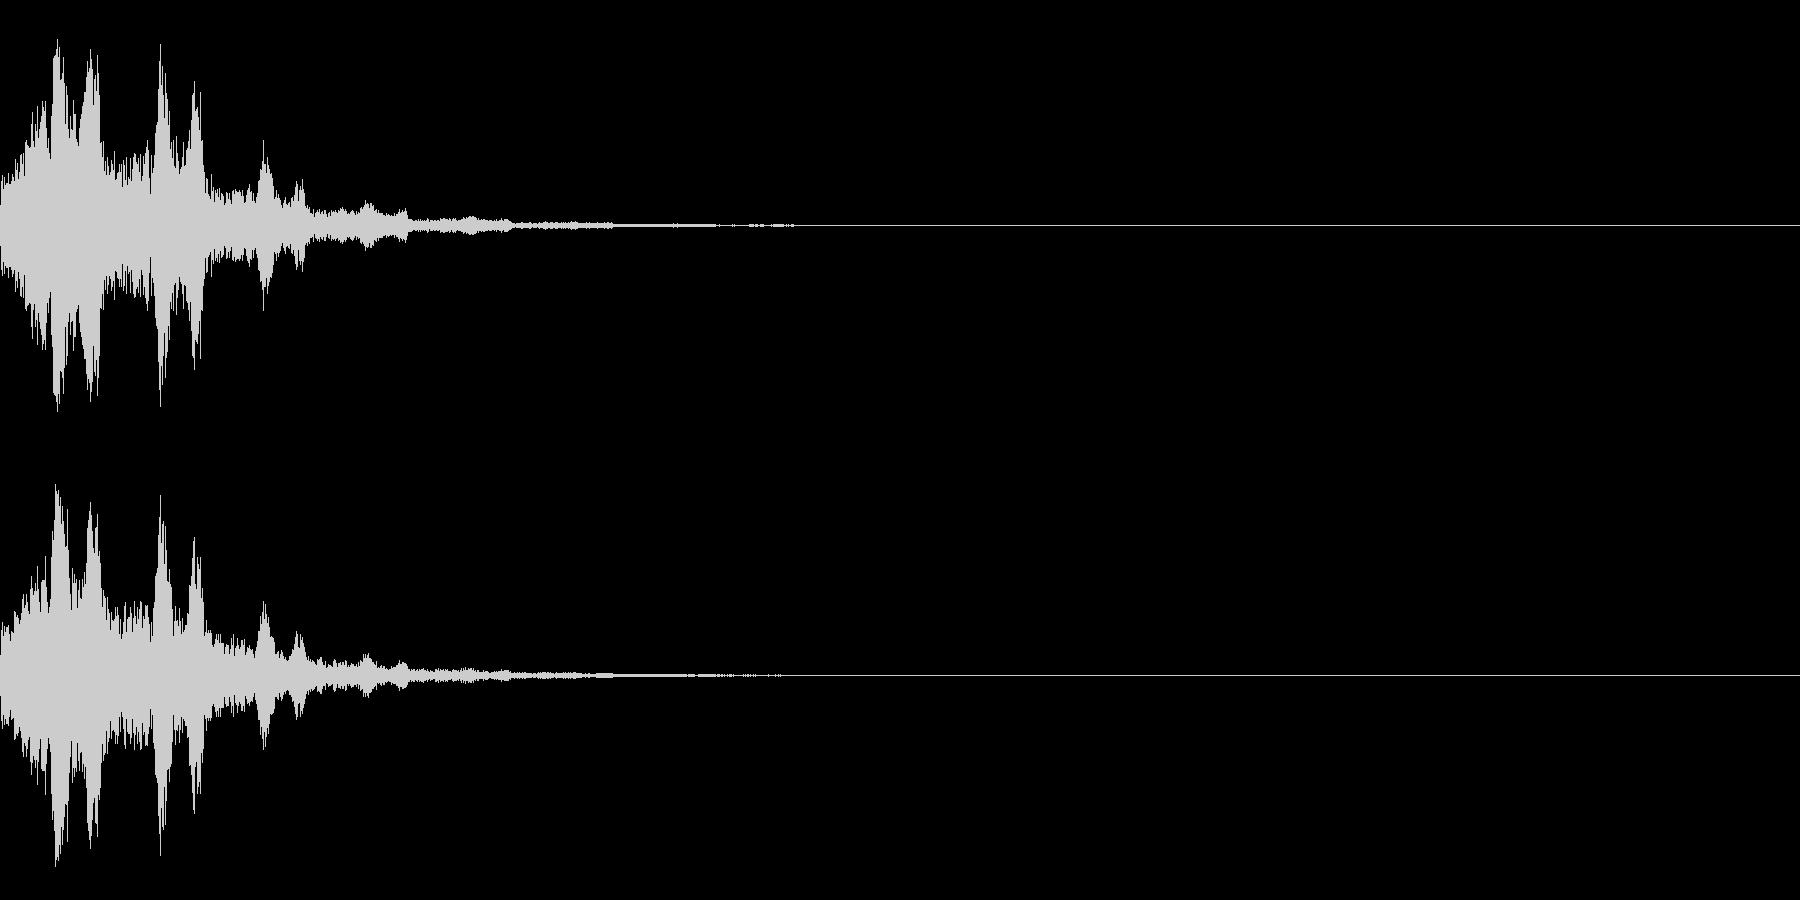 システム起動音_その11の未再生の波形